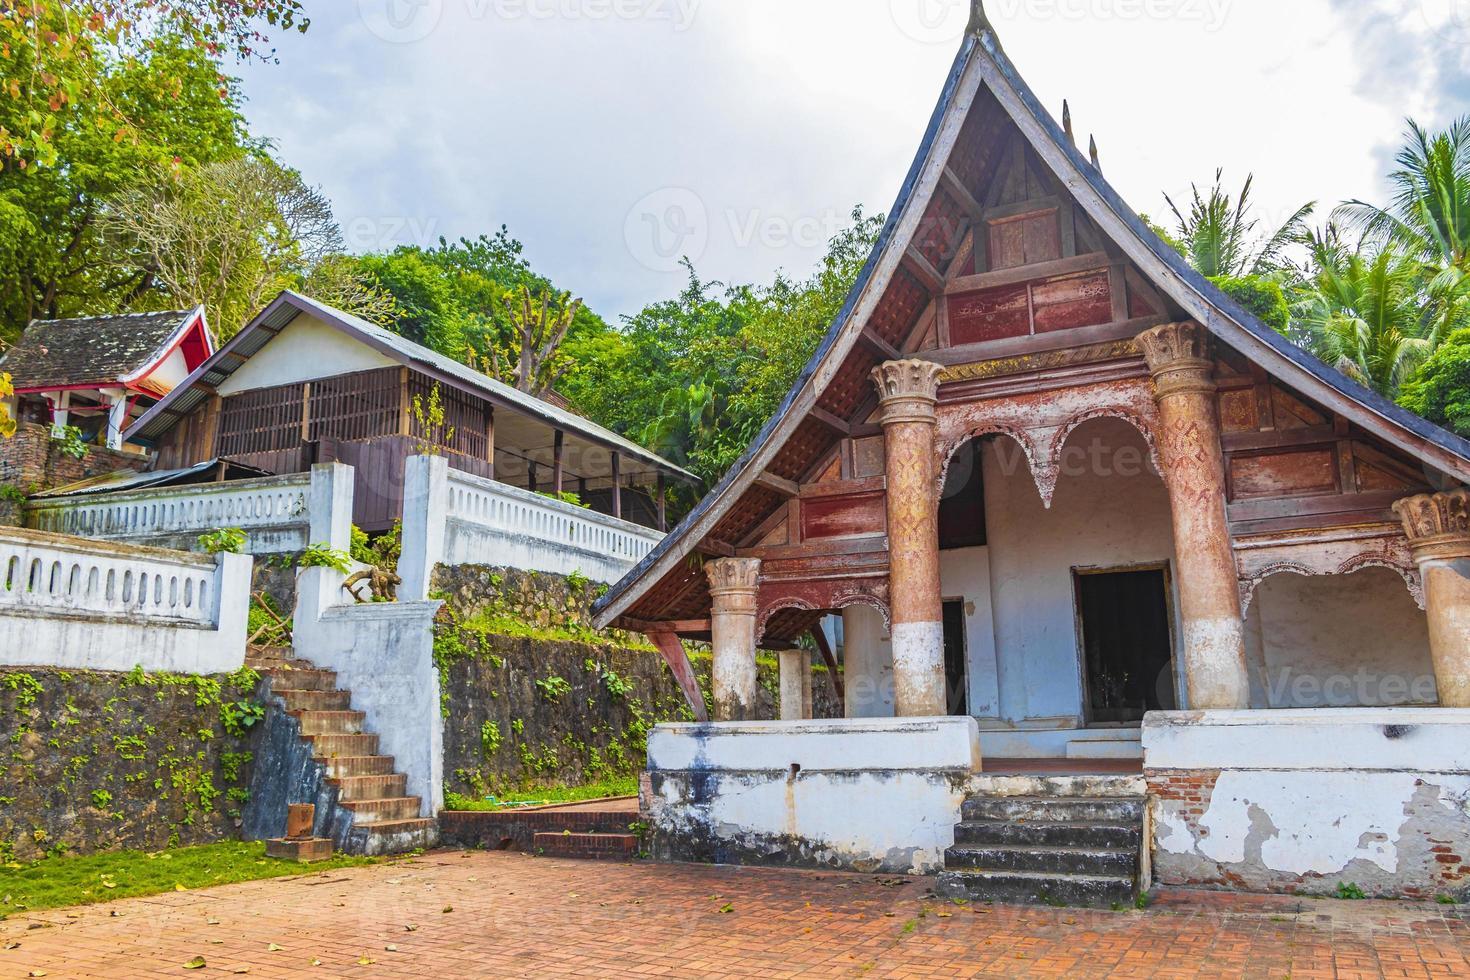 Wat siphoutthabat thippharam antiguo templo budista en Luang Prabang, Laos foto